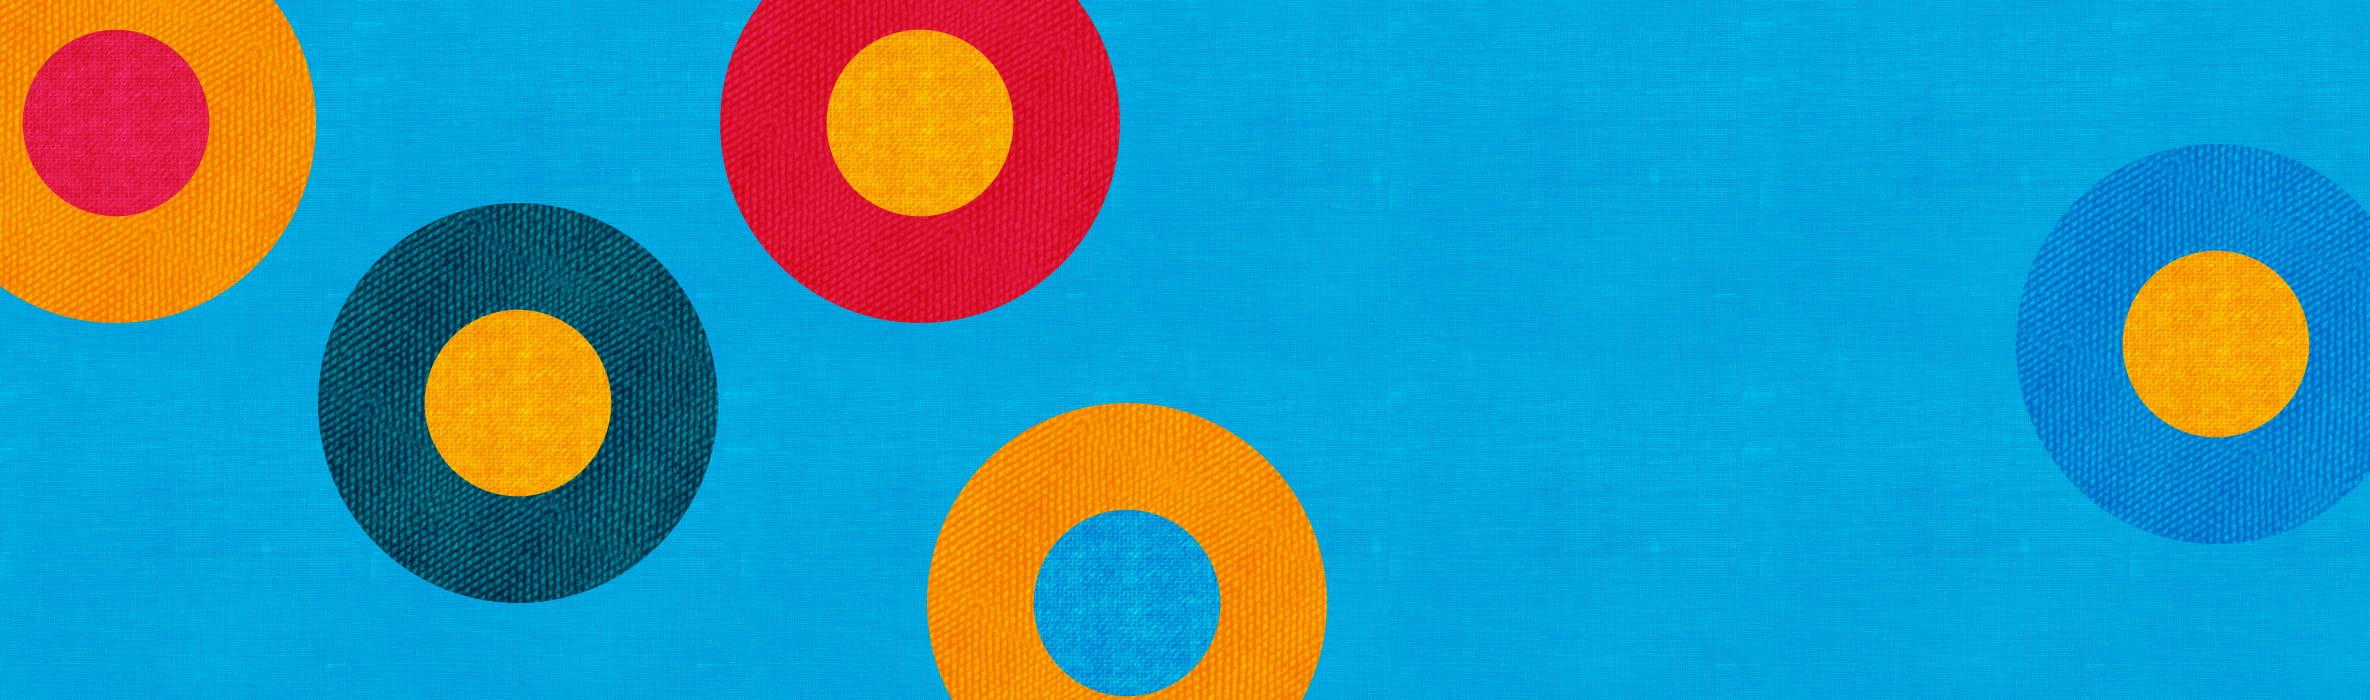 mehrfarbige Kreise auf blauem Hintergrund